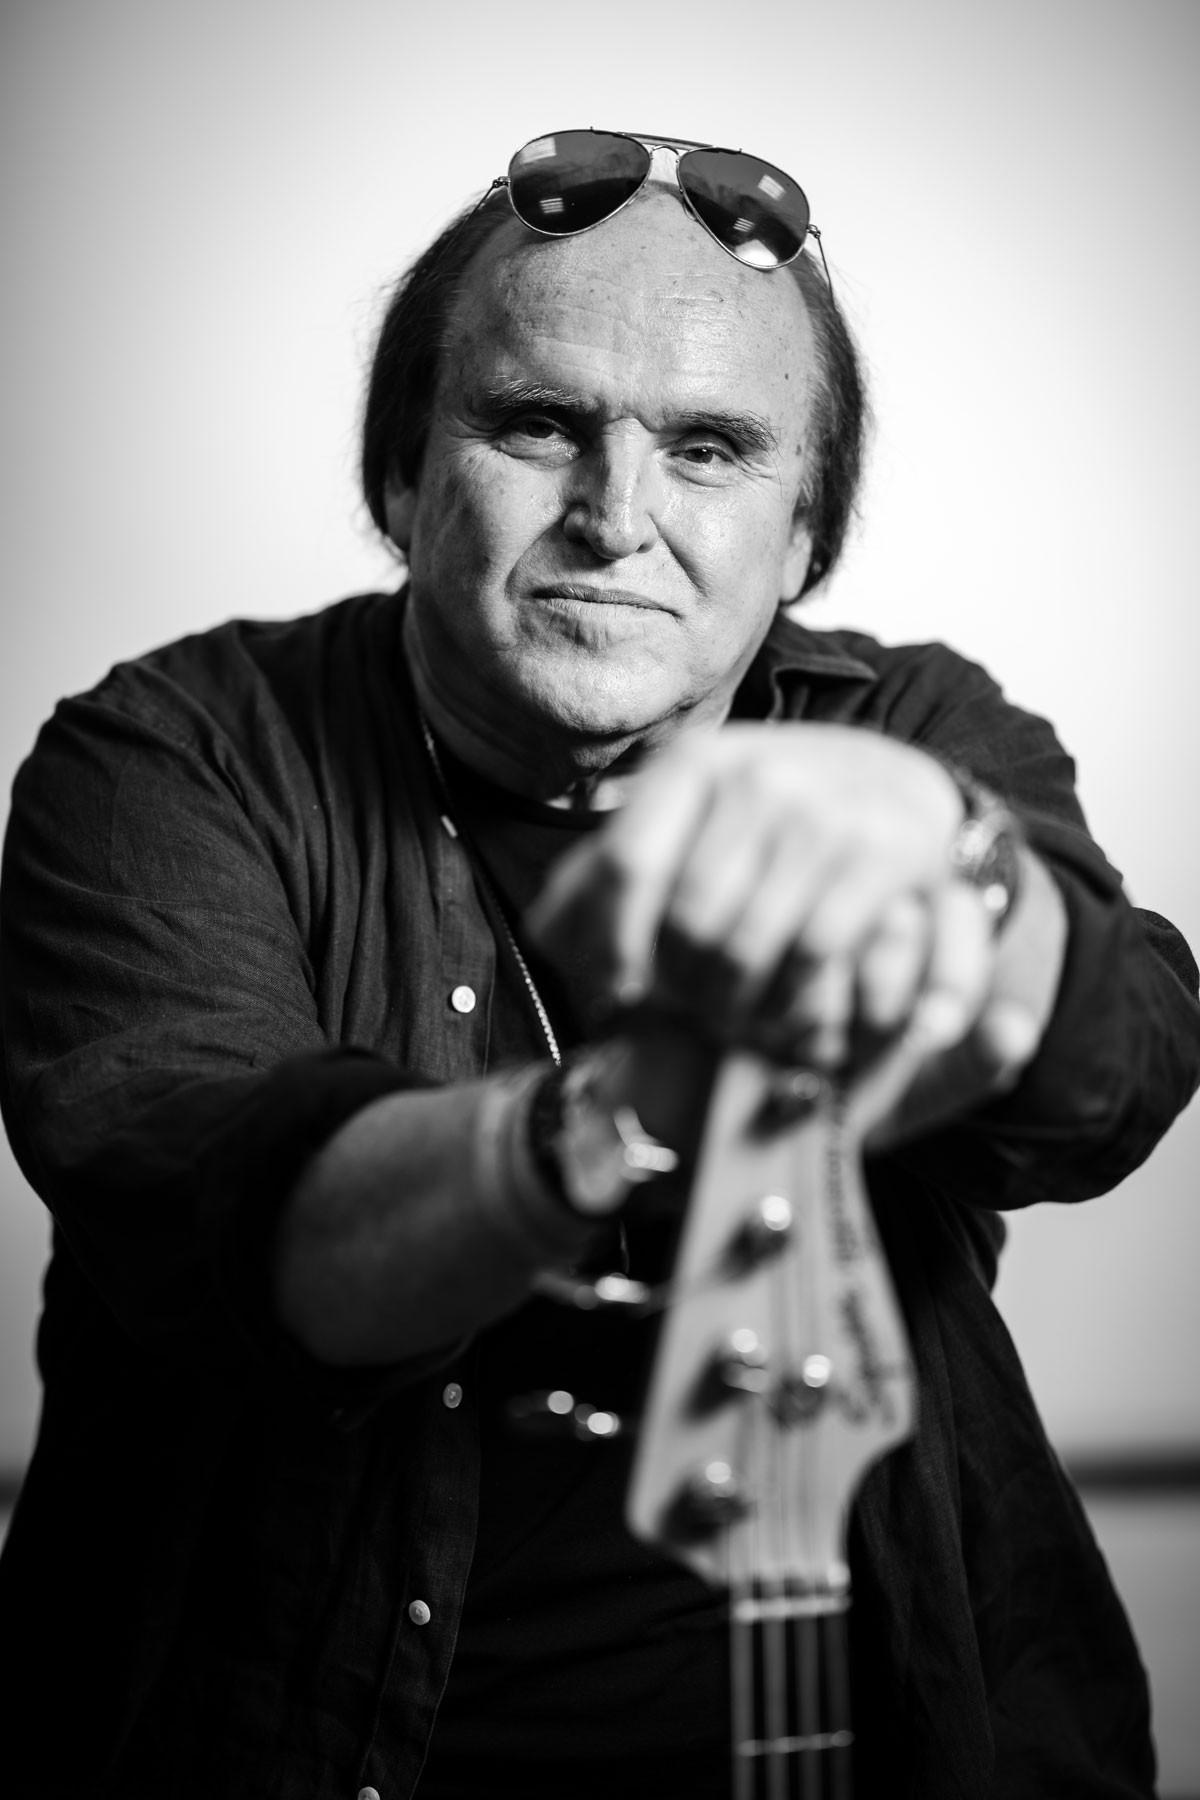 Frenreisz Károly: Szerintem a zenészember a szabadság hírnöke, aki önfeledten muzsikál, és nem érdekli semmi más